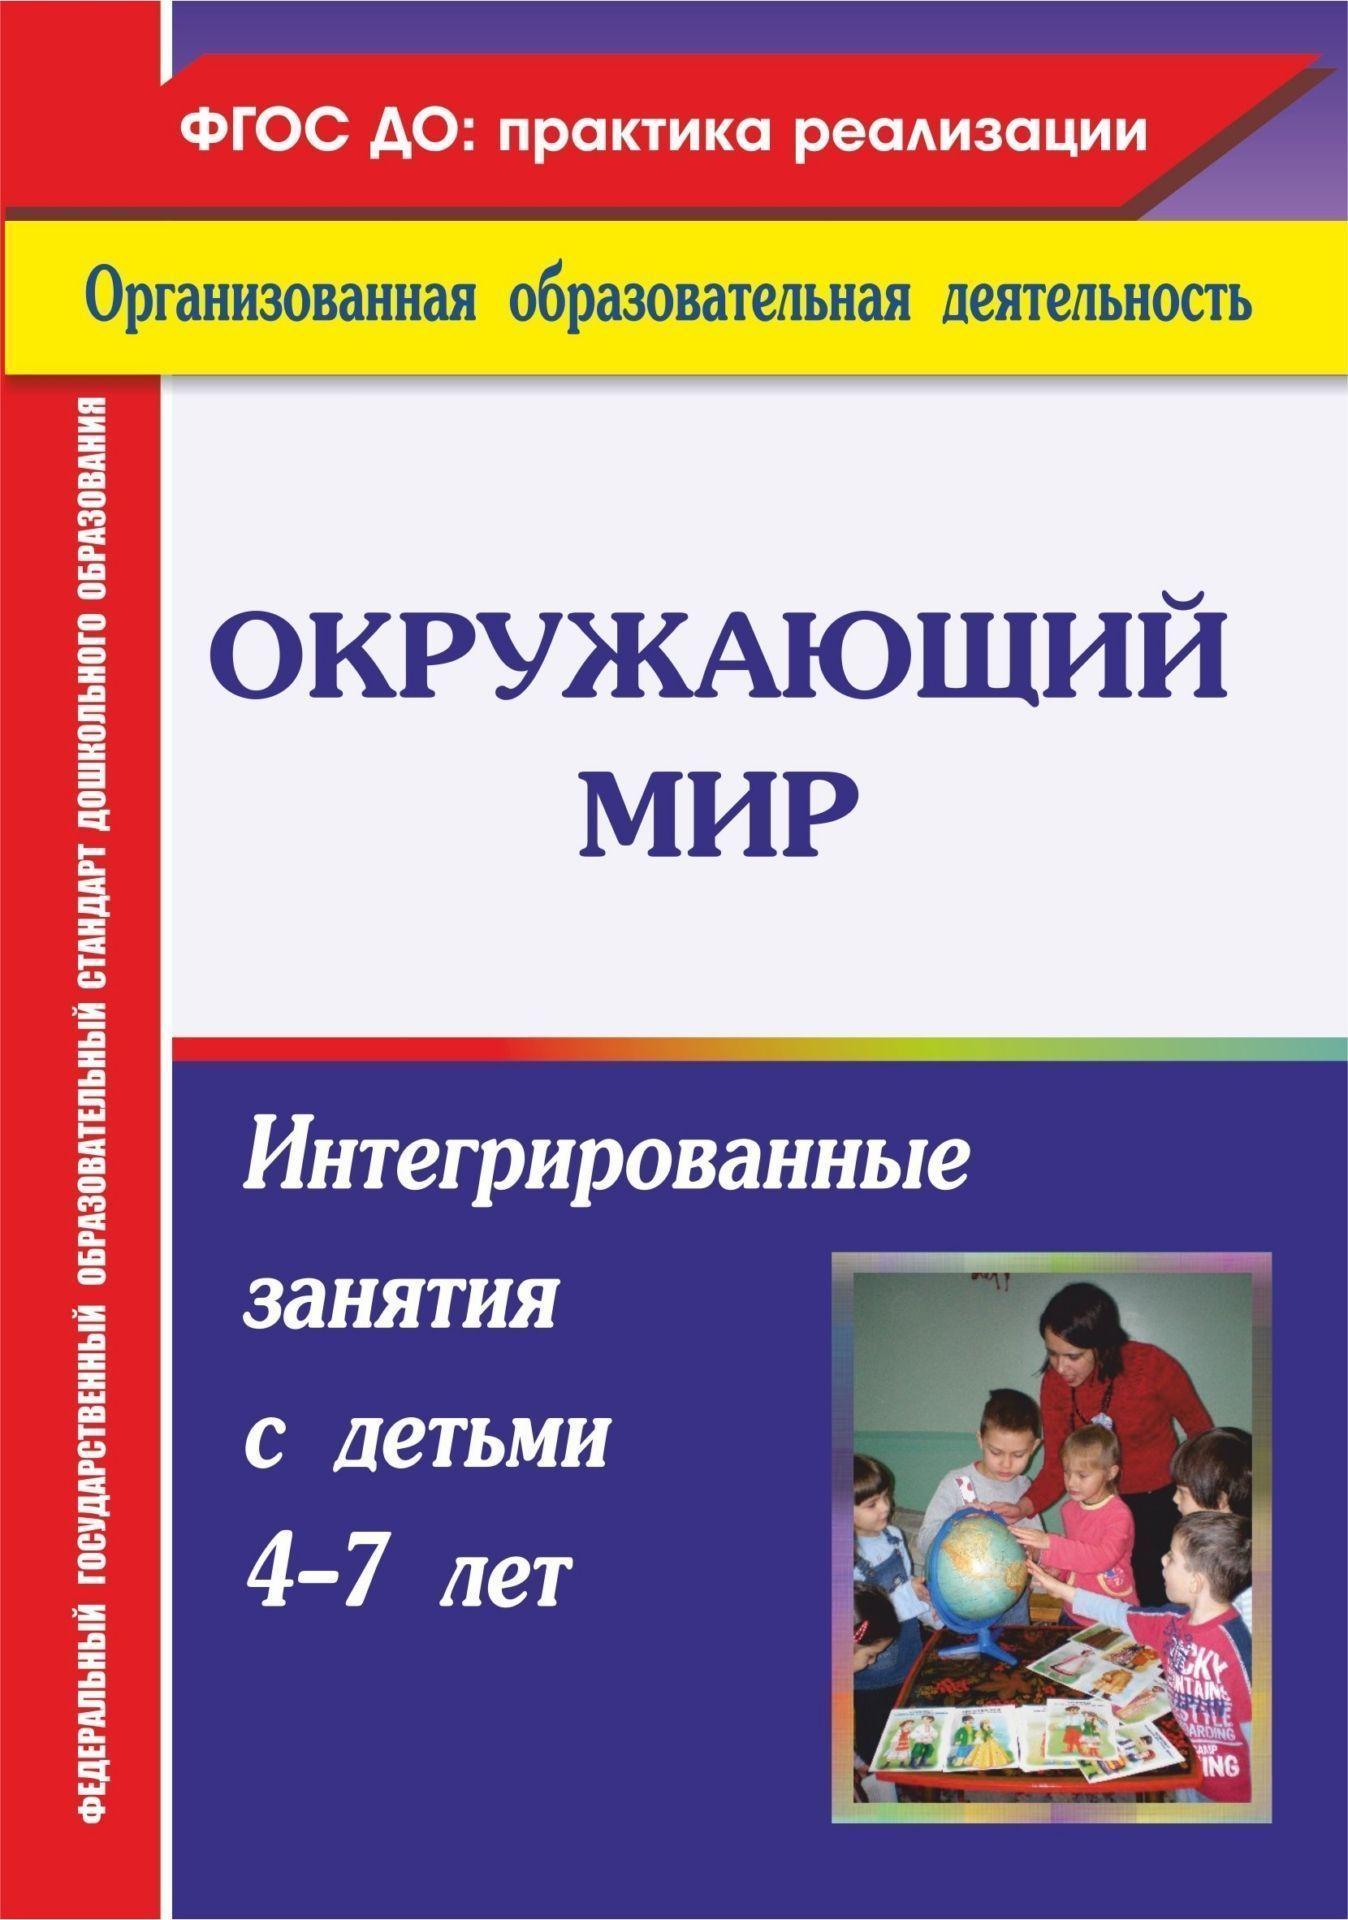 Окружающий мир: интегрированные занятия с детьми 4-7 лет